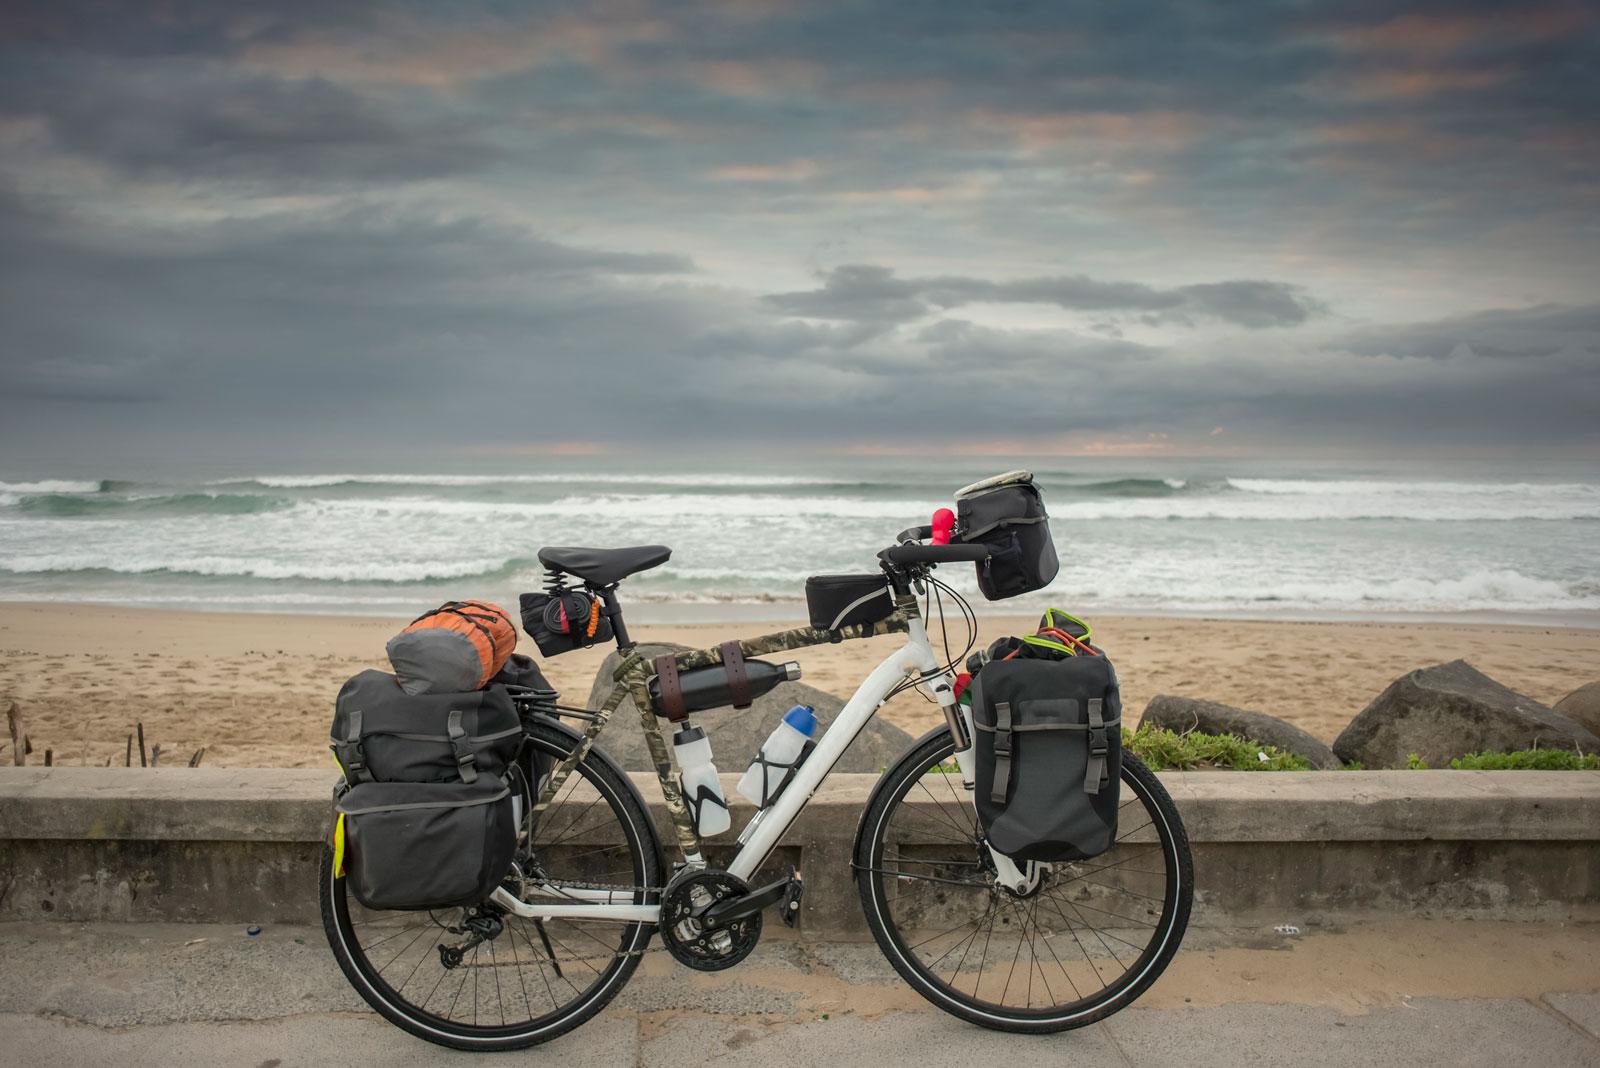 Anderes Reisen: Auf Radtouren setzen wir uns intensiver mit unserer Umgebung auseinander.